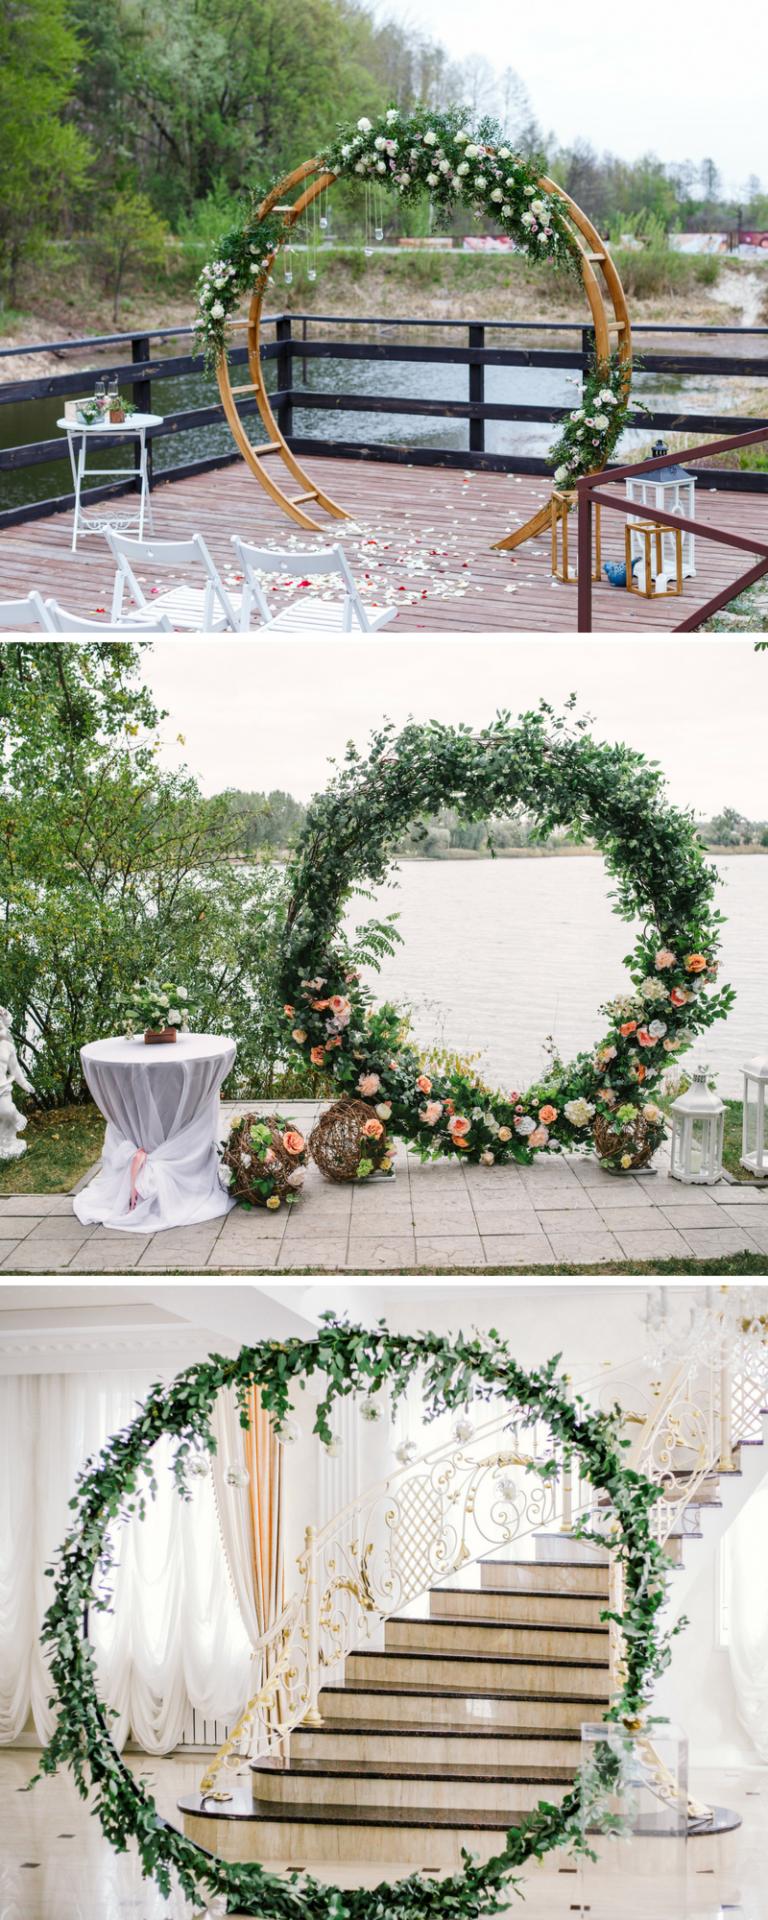 Wedding Hoops Hochzeitsdeko Hochzeit Blumenkranz Hochzeit Reifen Deko Hochzeitsdeko Reifen Hochzeit Hochzeitsdeko Hochzeitsdeko Ideen Blumenkranz Hochzeit